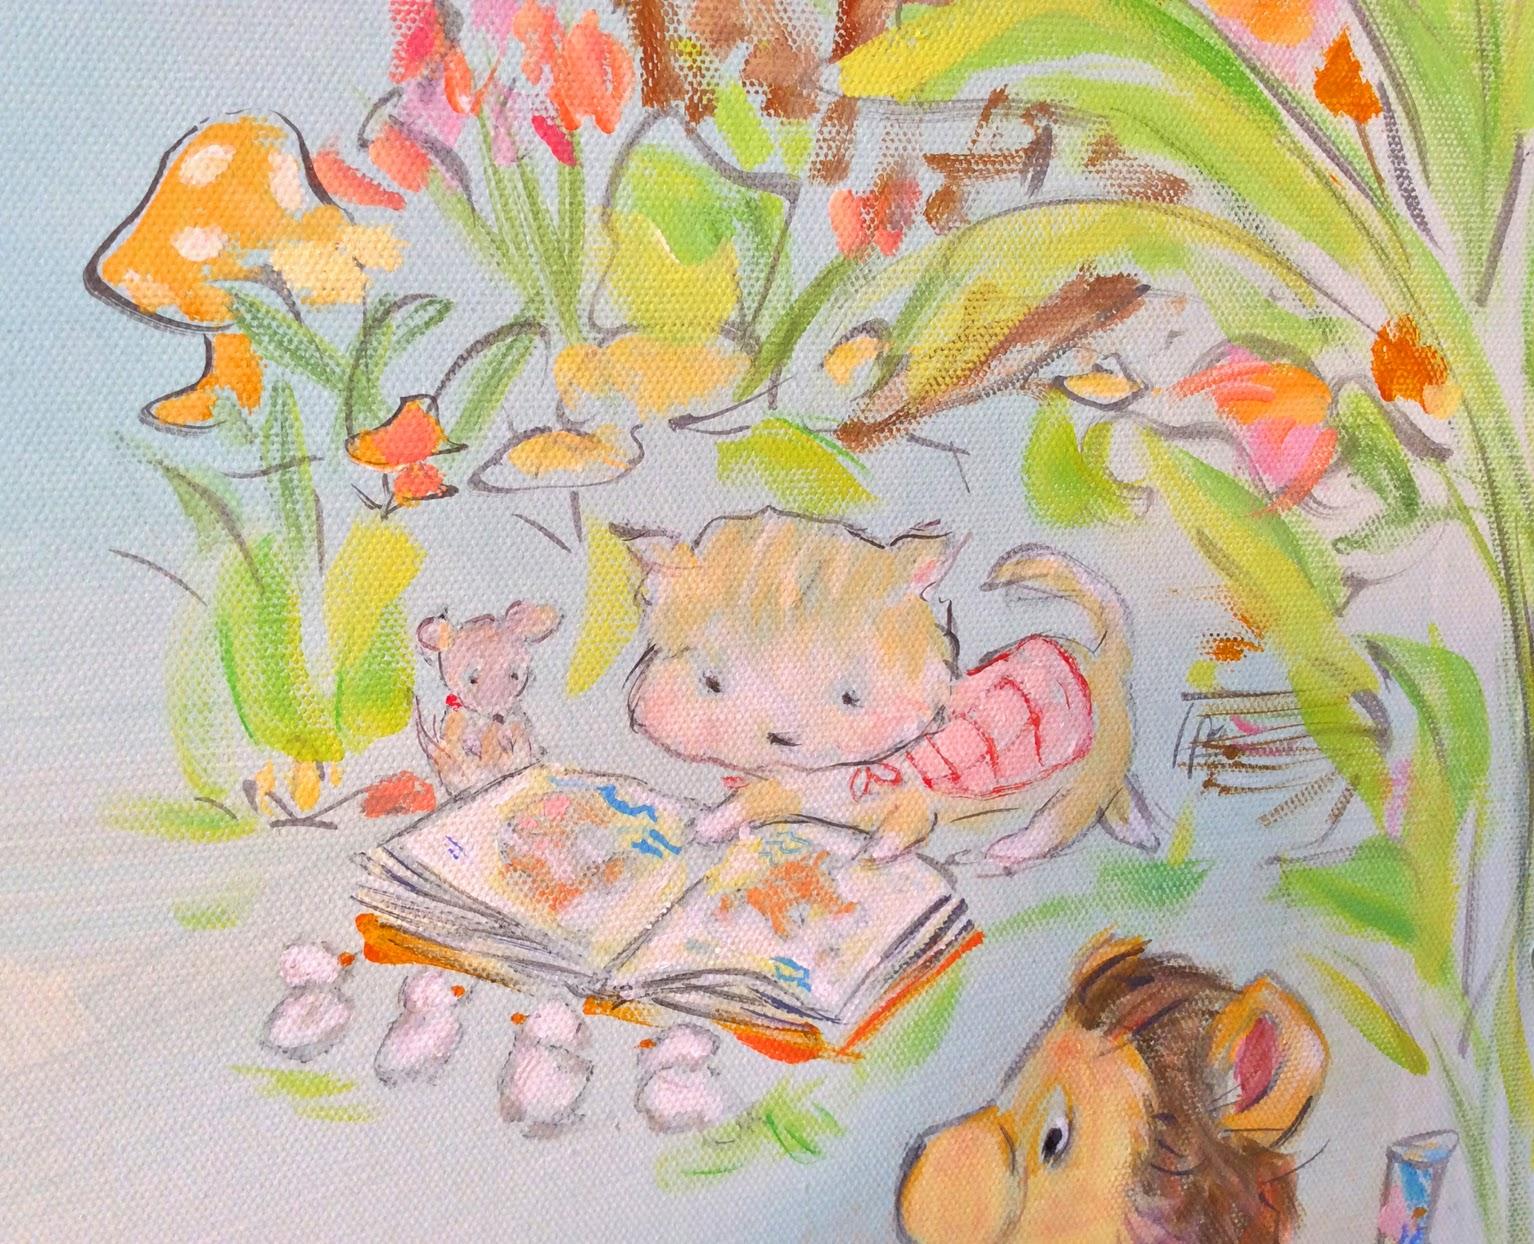 Painting_Custom_Detail 19_Allyn_Howard.jpg